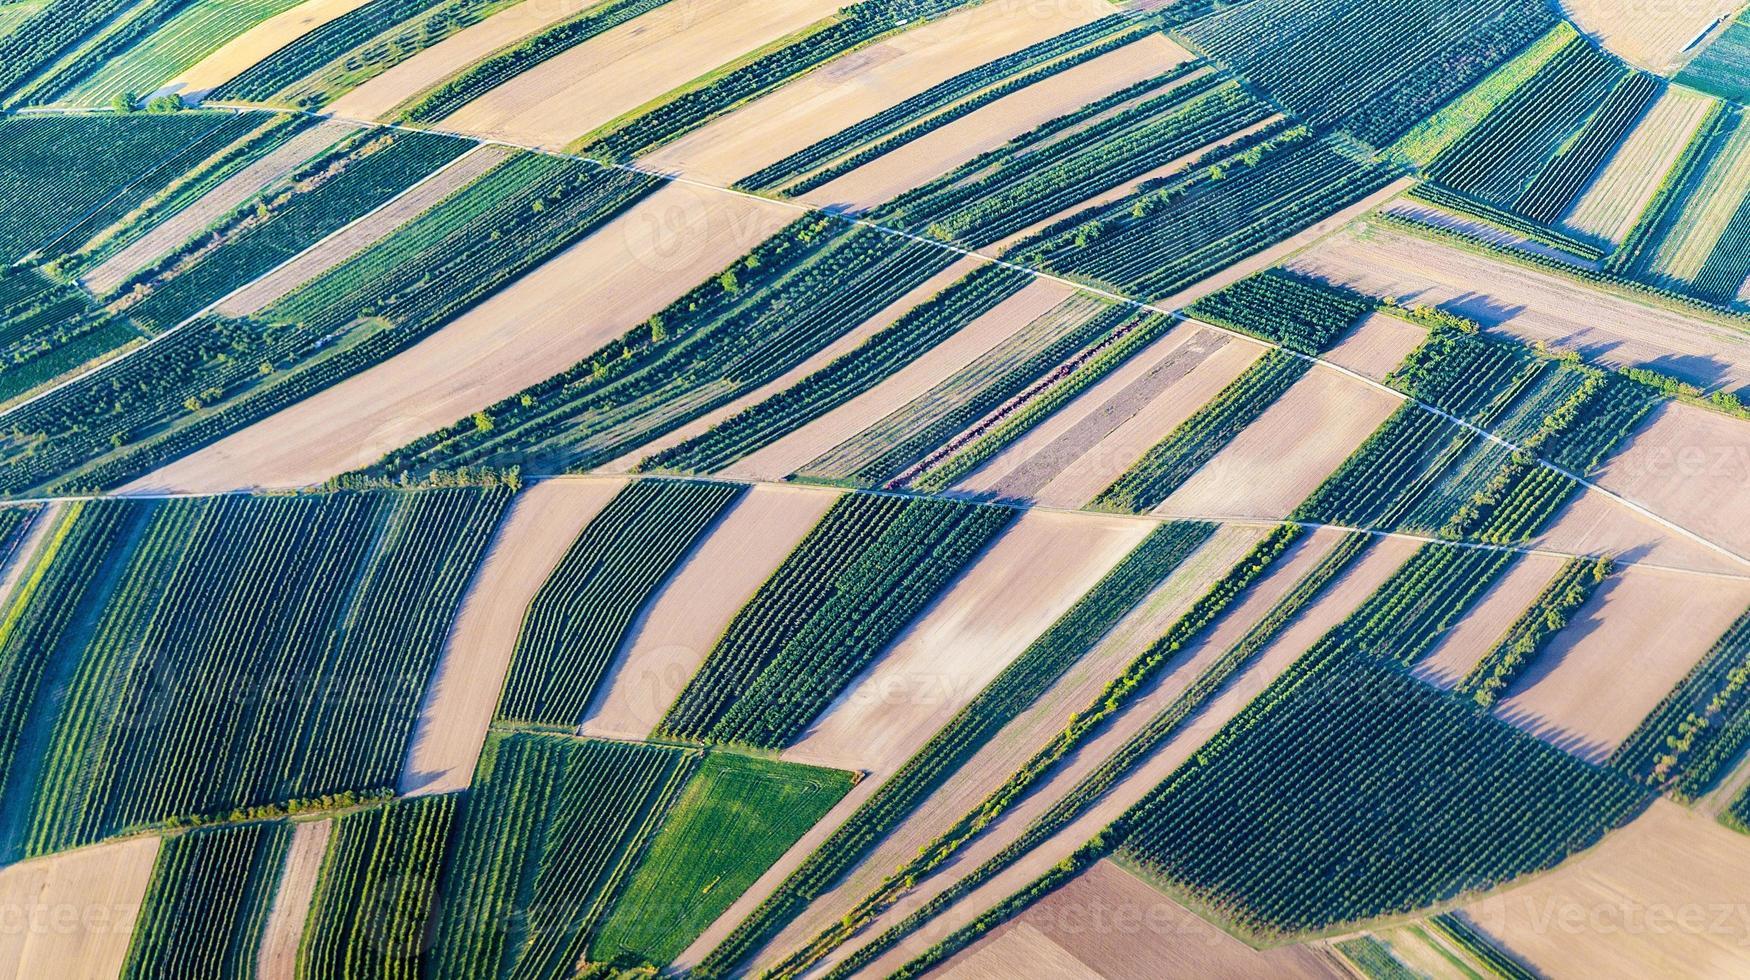 vista aérea de campos verdes y laderas foto